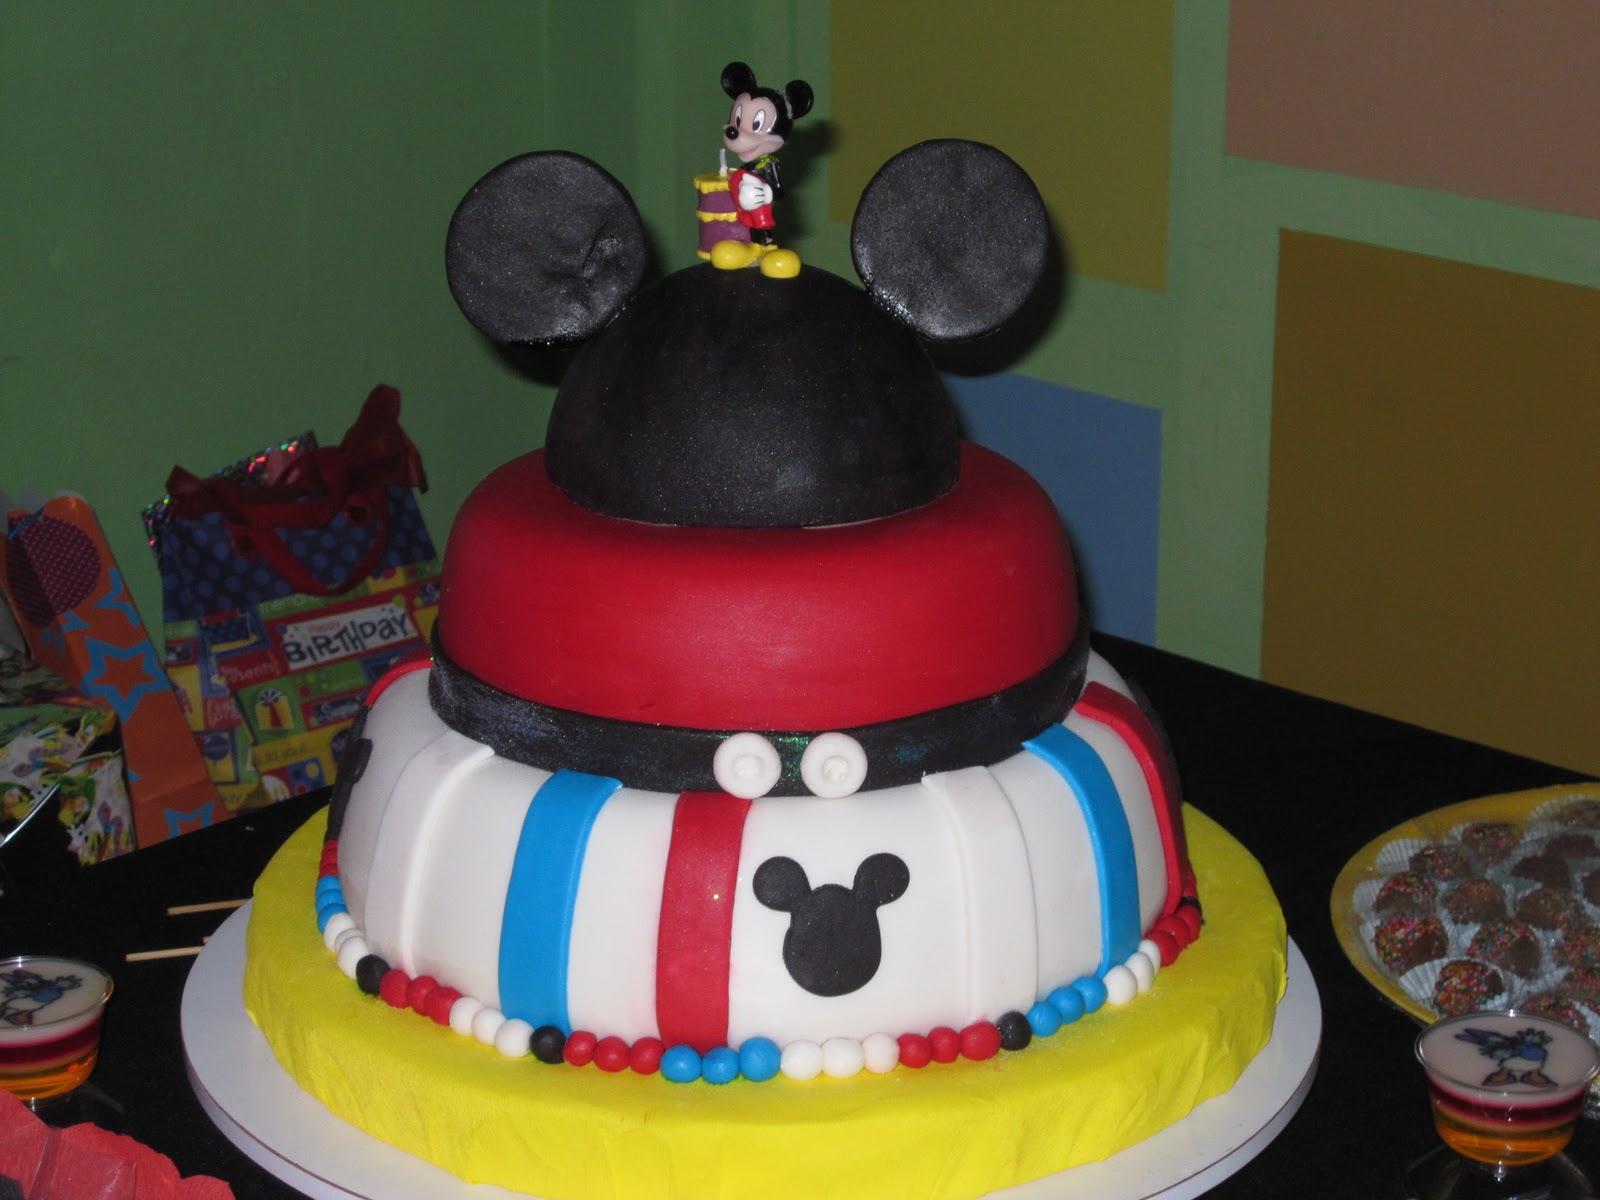 Torta, gelatina y minigelatinas de Mickey Mouse y sus amigos...